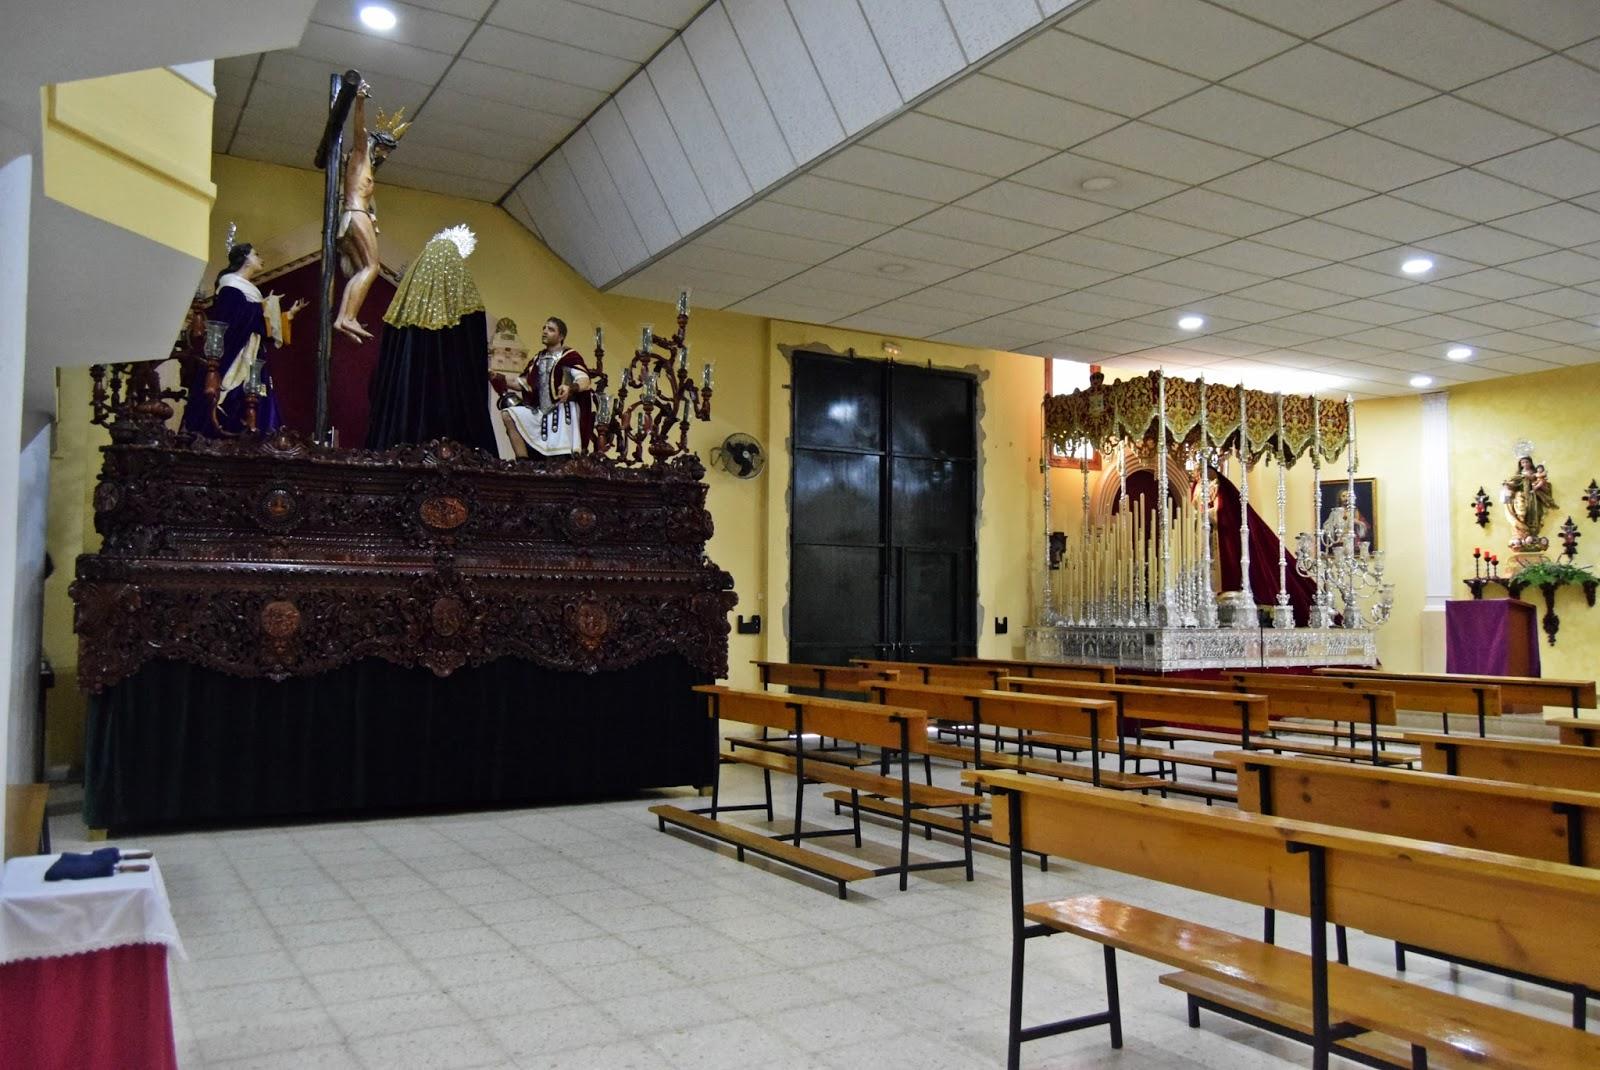 Vera cruz aguas y buen viaje misa preparatoria viernes for Horario correos puerto real